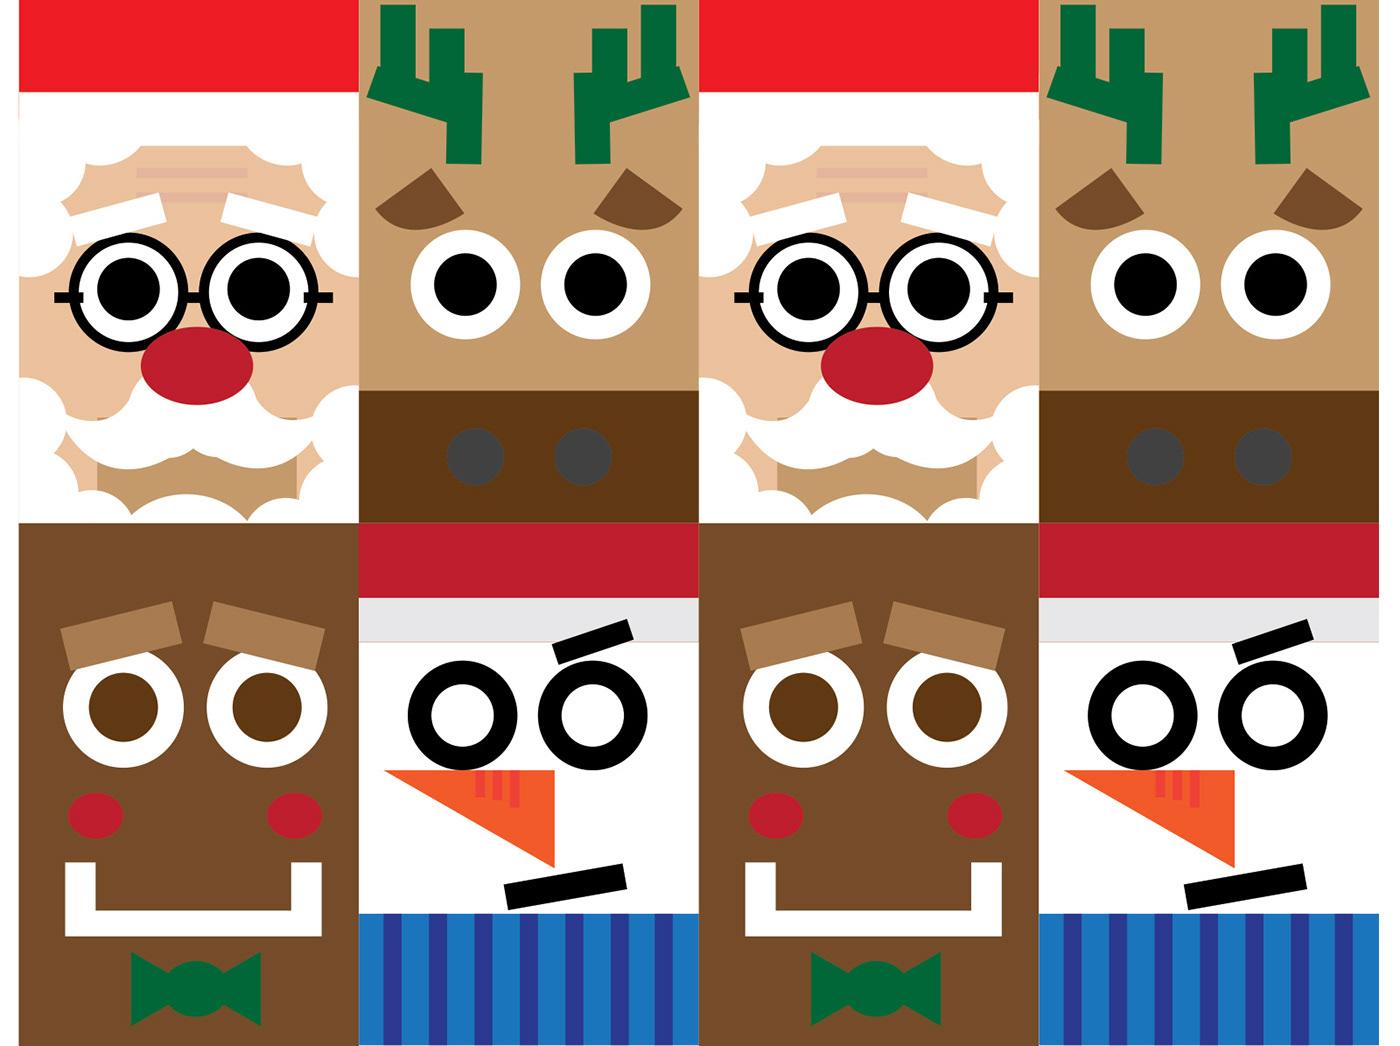 高品質的32個聖誕節圖片欣賞